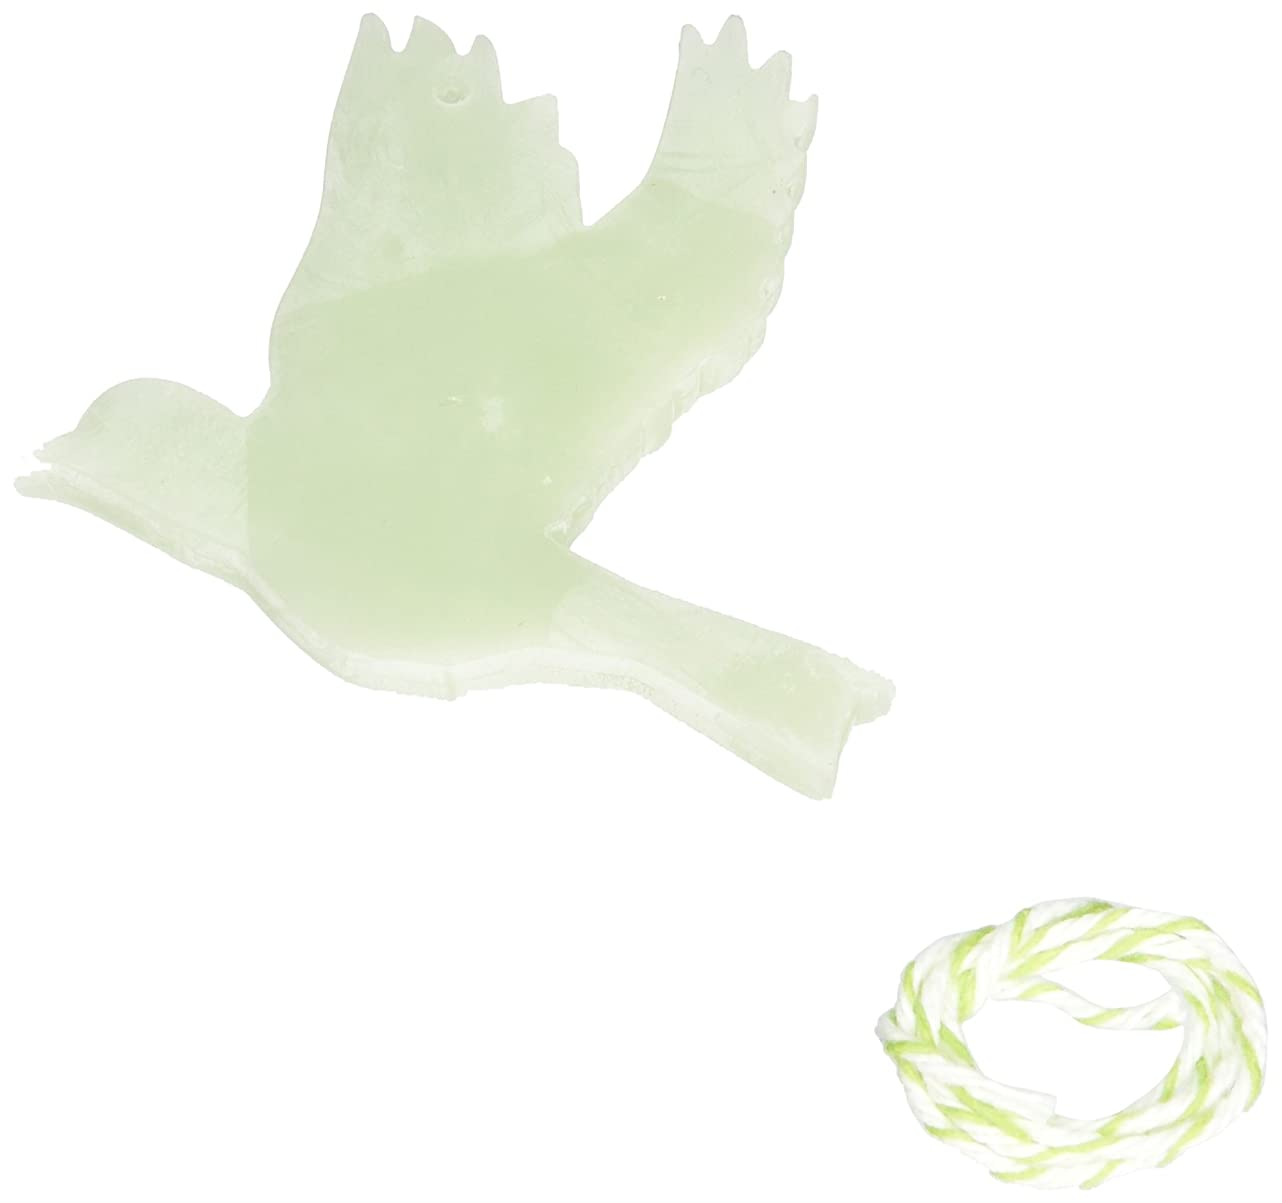 護衛代表して曖昧なGRASSE TOKYO AROMATICWAXチャーム「ハト」(GR) レモングラス アロマティックワックス グラーストウキョウ